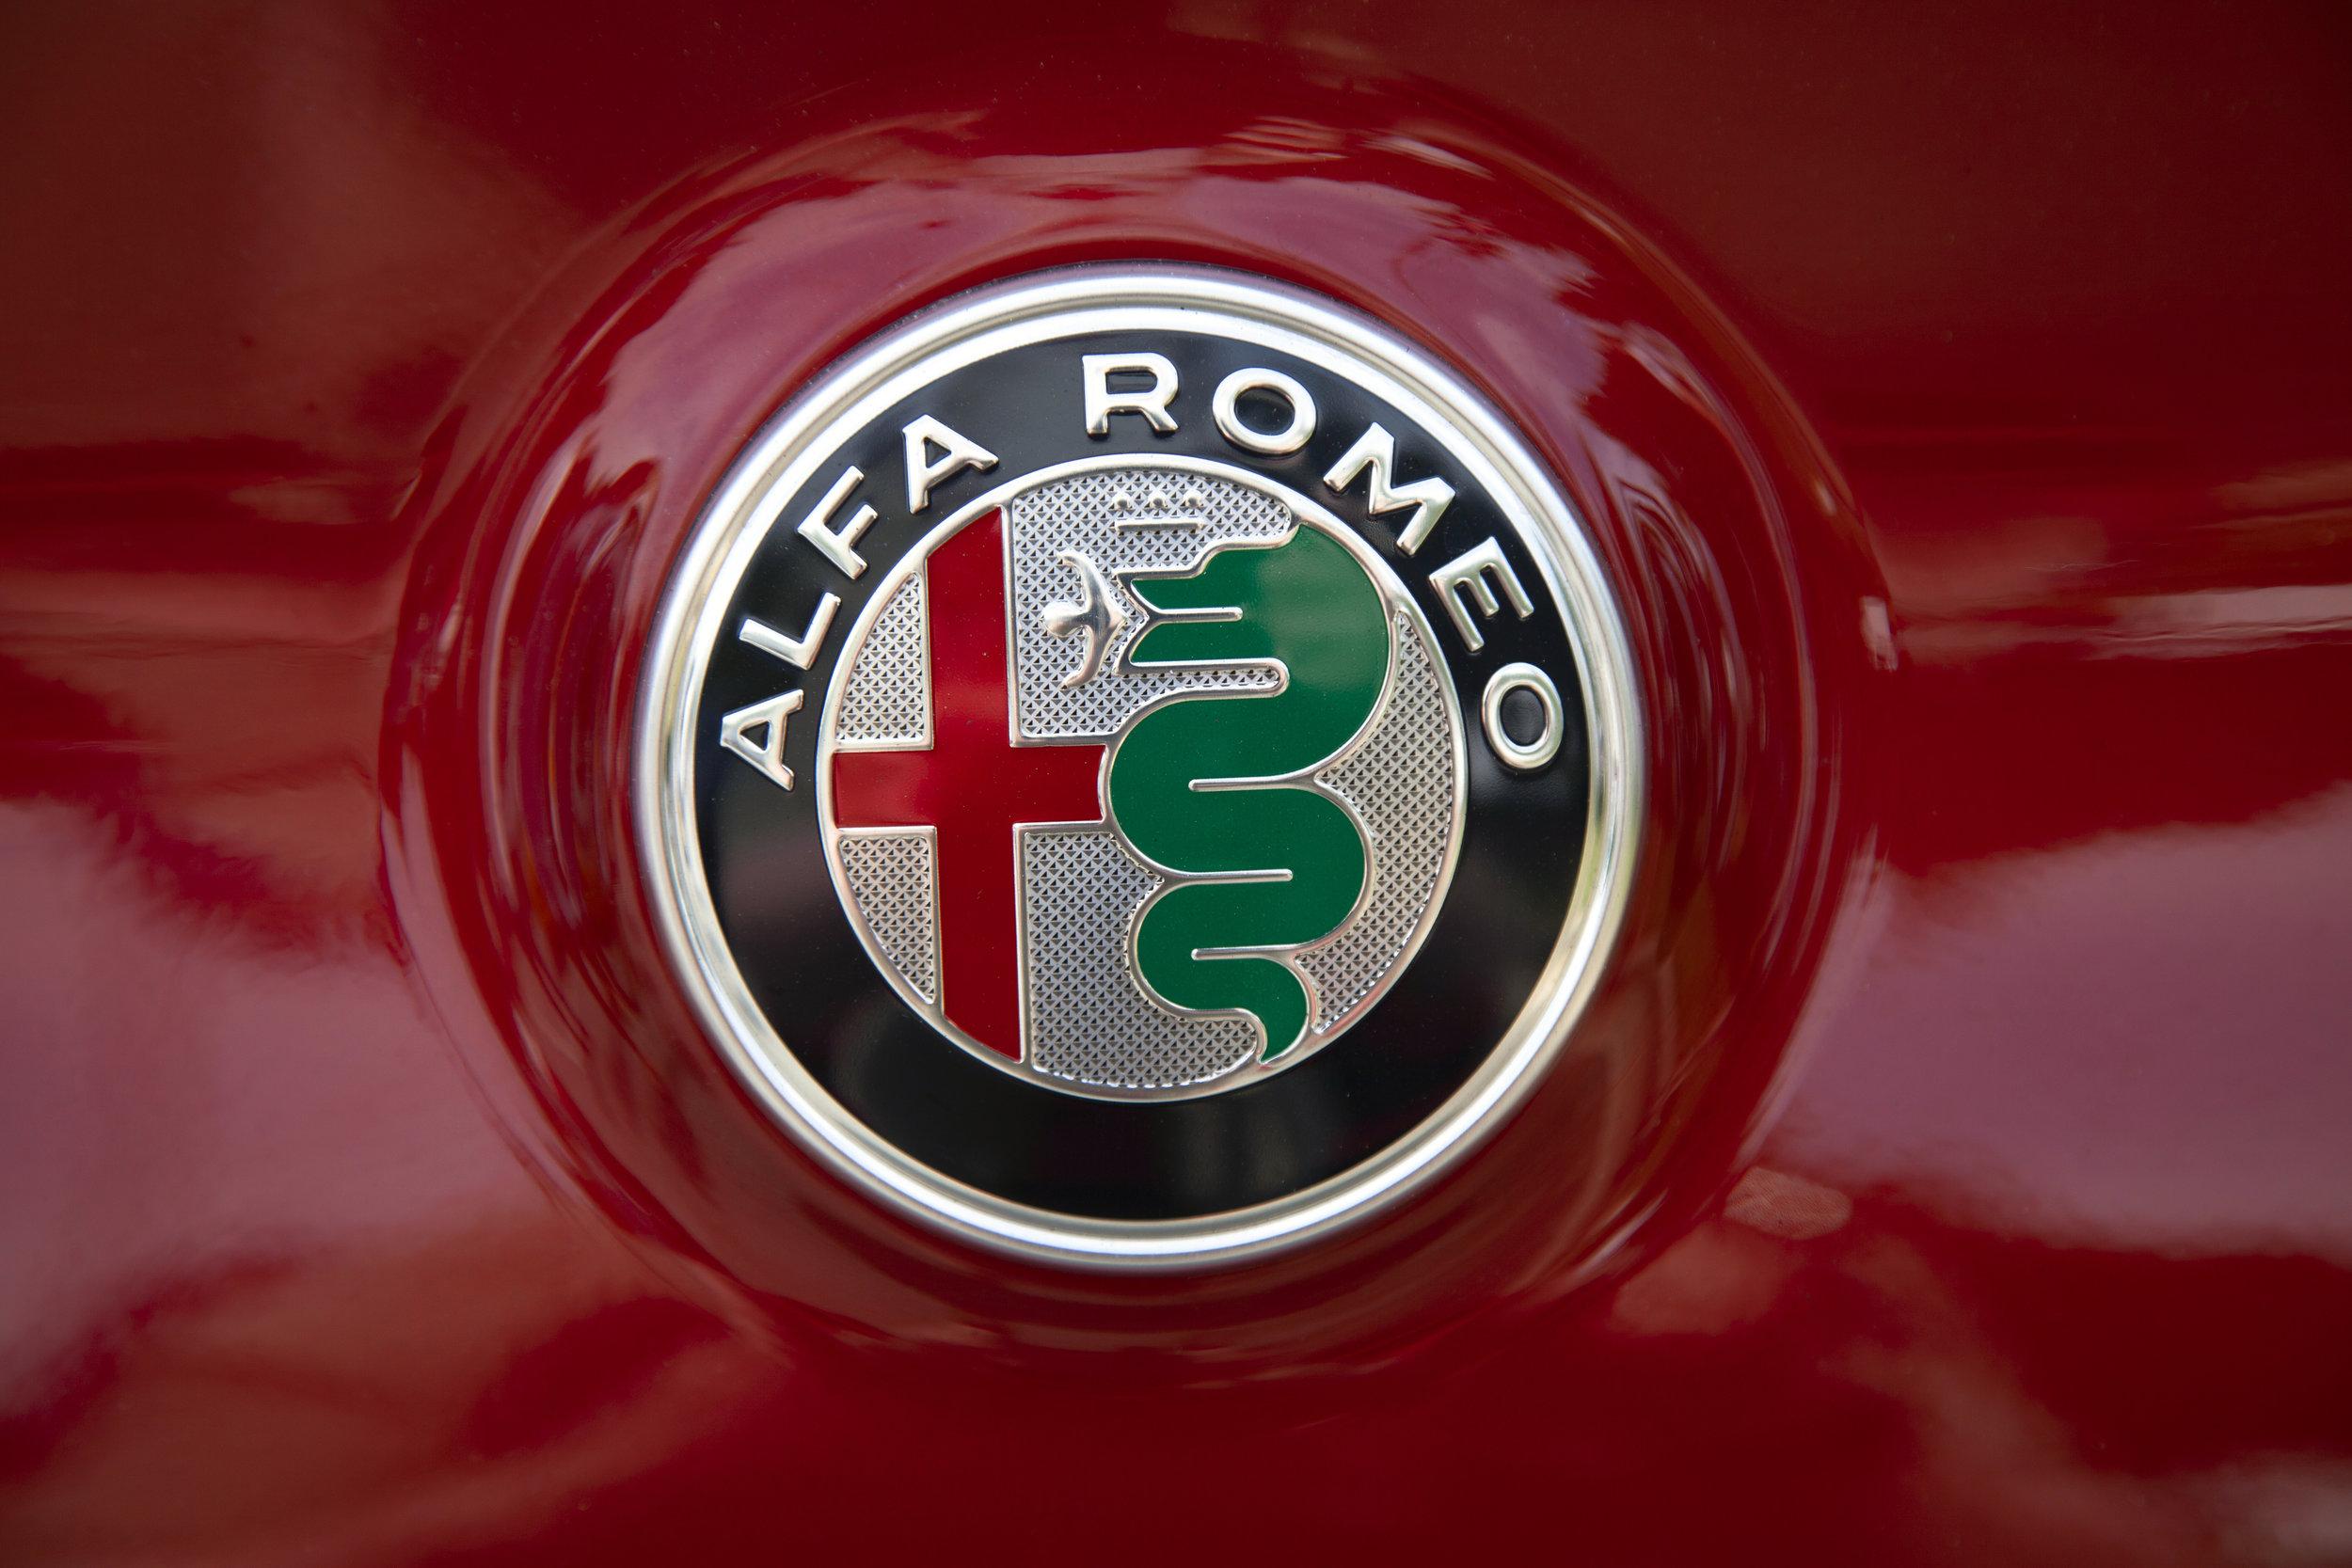 Alfa Romea Badge.jpg